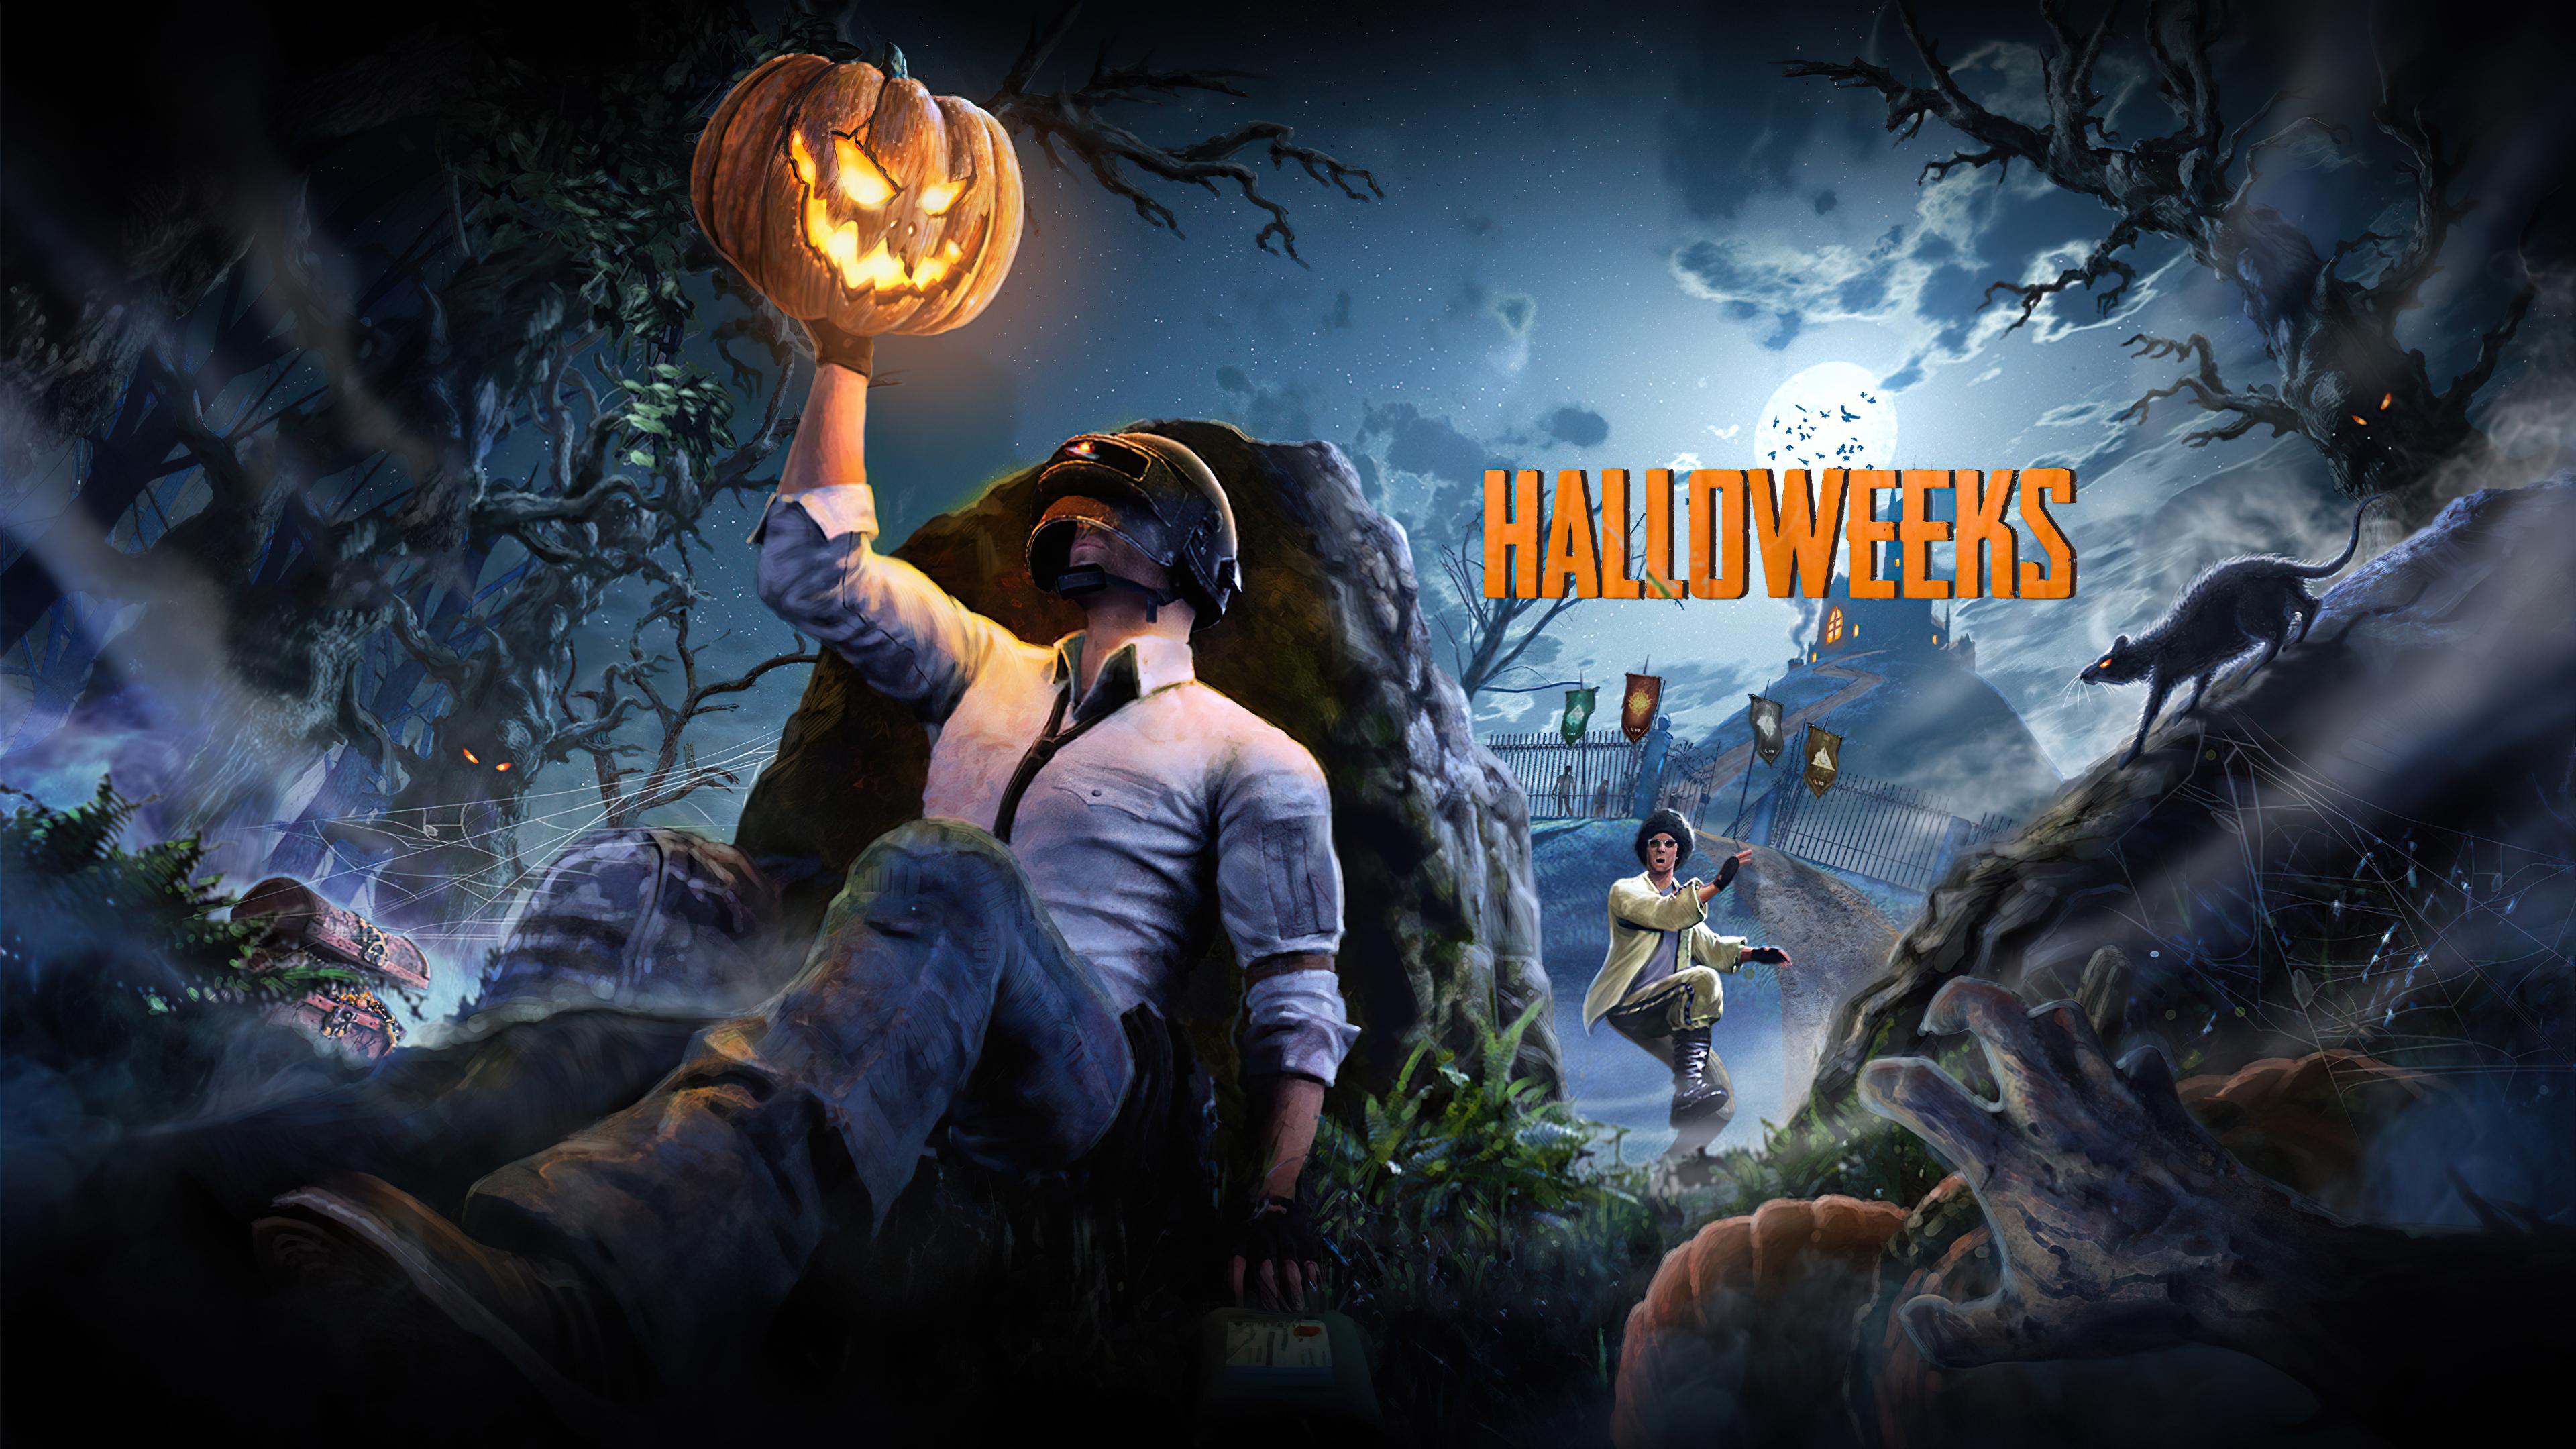 pubg halloween 2021 4k 1614861027 - Pubg Halloween 2021 4k - Pubg Halloween 2021 4k wallpapers